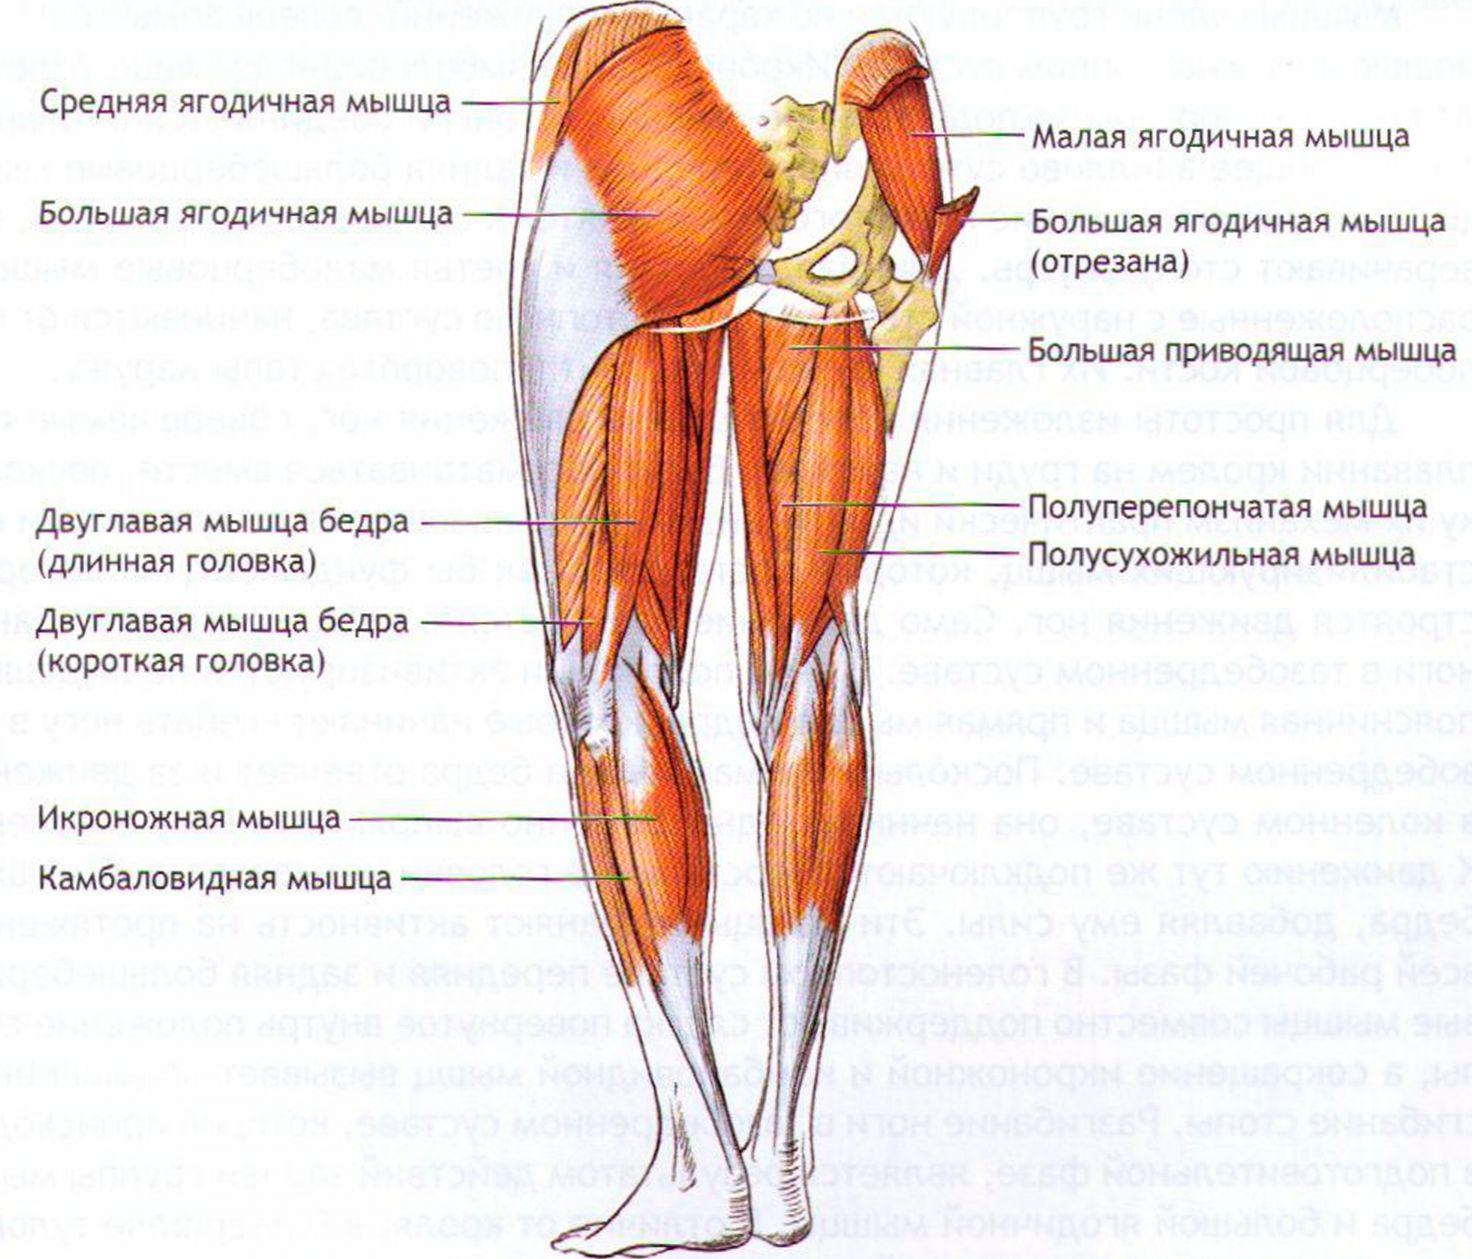 Мышца малоберцовая